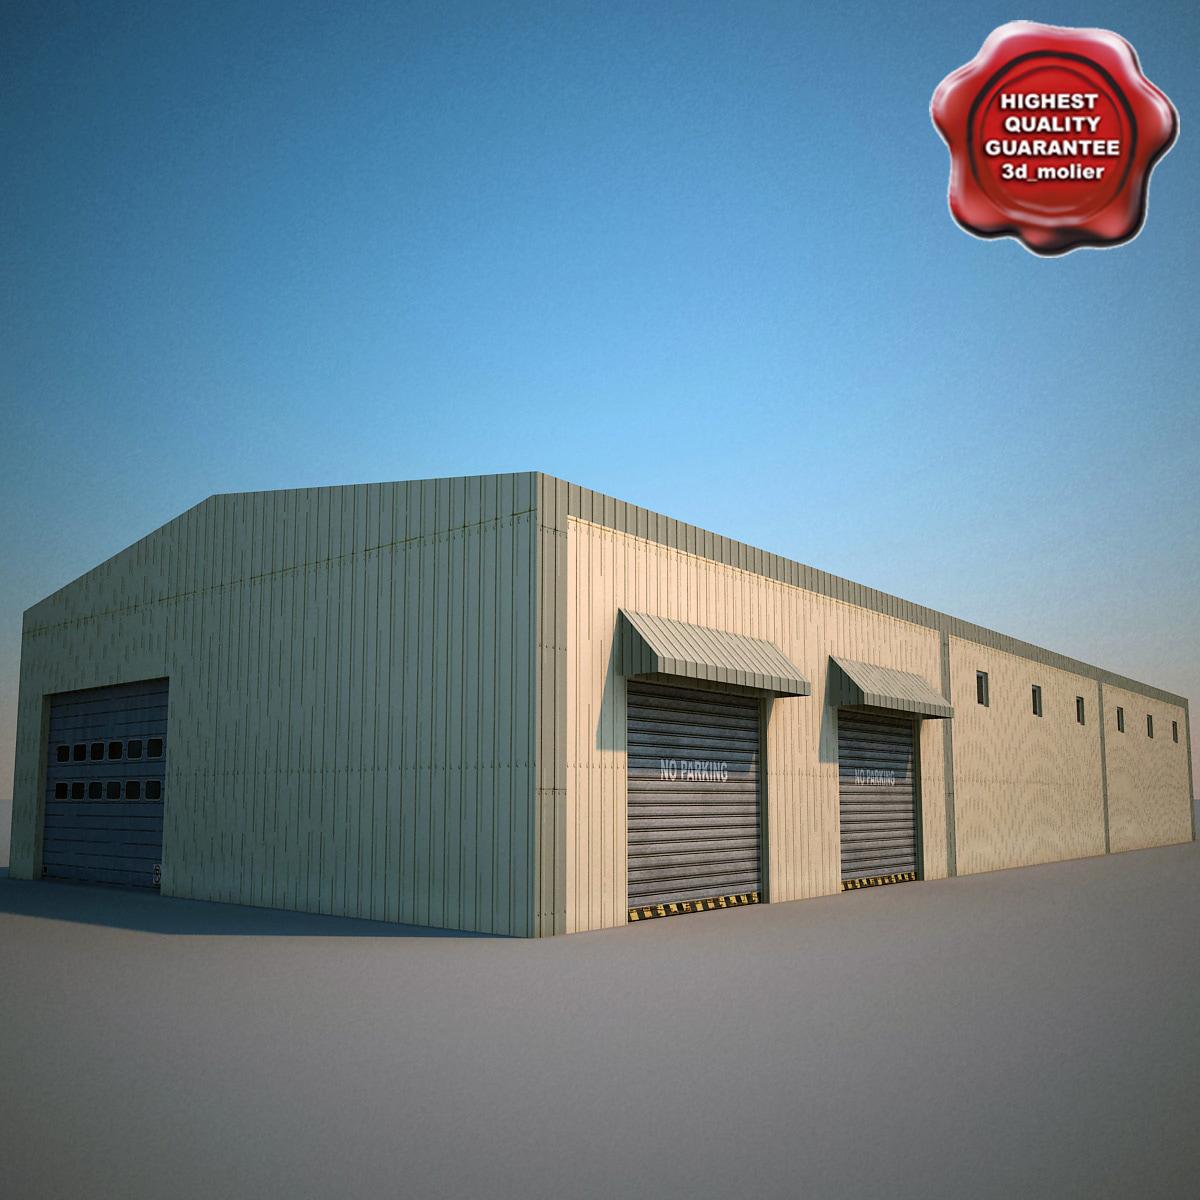 3d model warehouse modelled